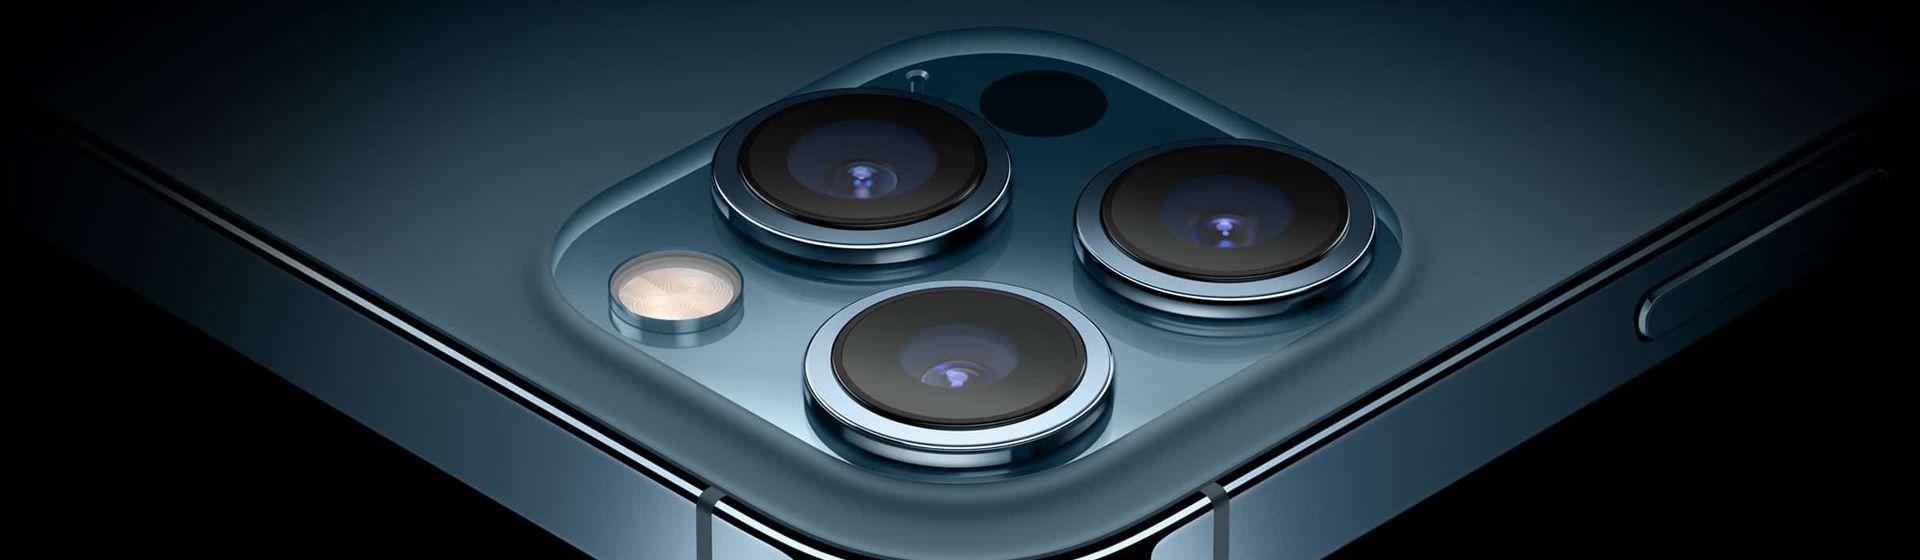 iPhone 12 Pro: conheça a ficha técnica e o que esperar desse modelo